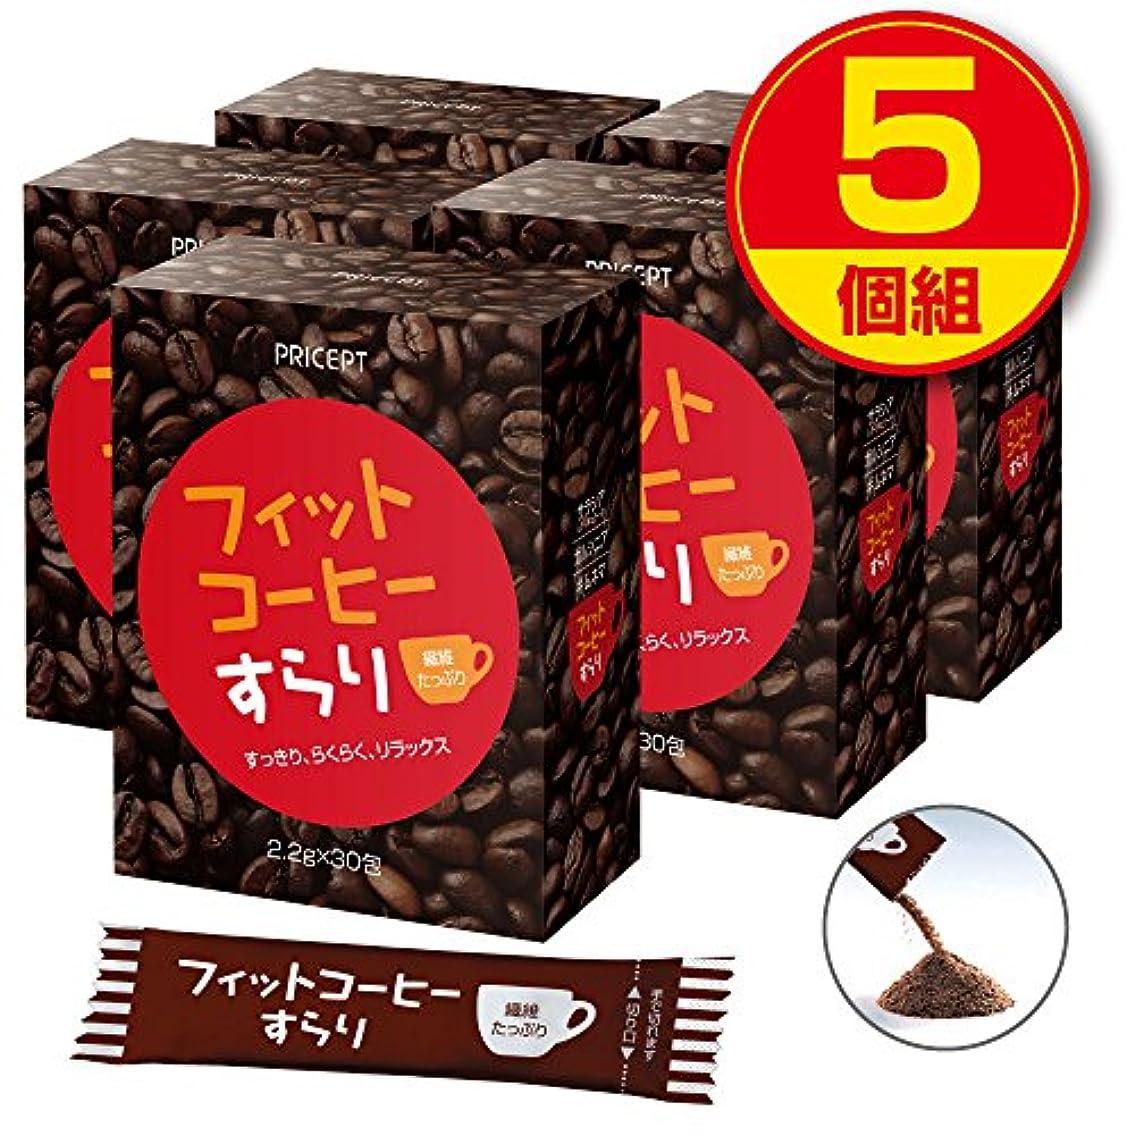 気づくなる拍手ワイヤープリセプト フィットコーヒーすらり 30包【5個組(150包)】(ダイエットサポートコーヒー)